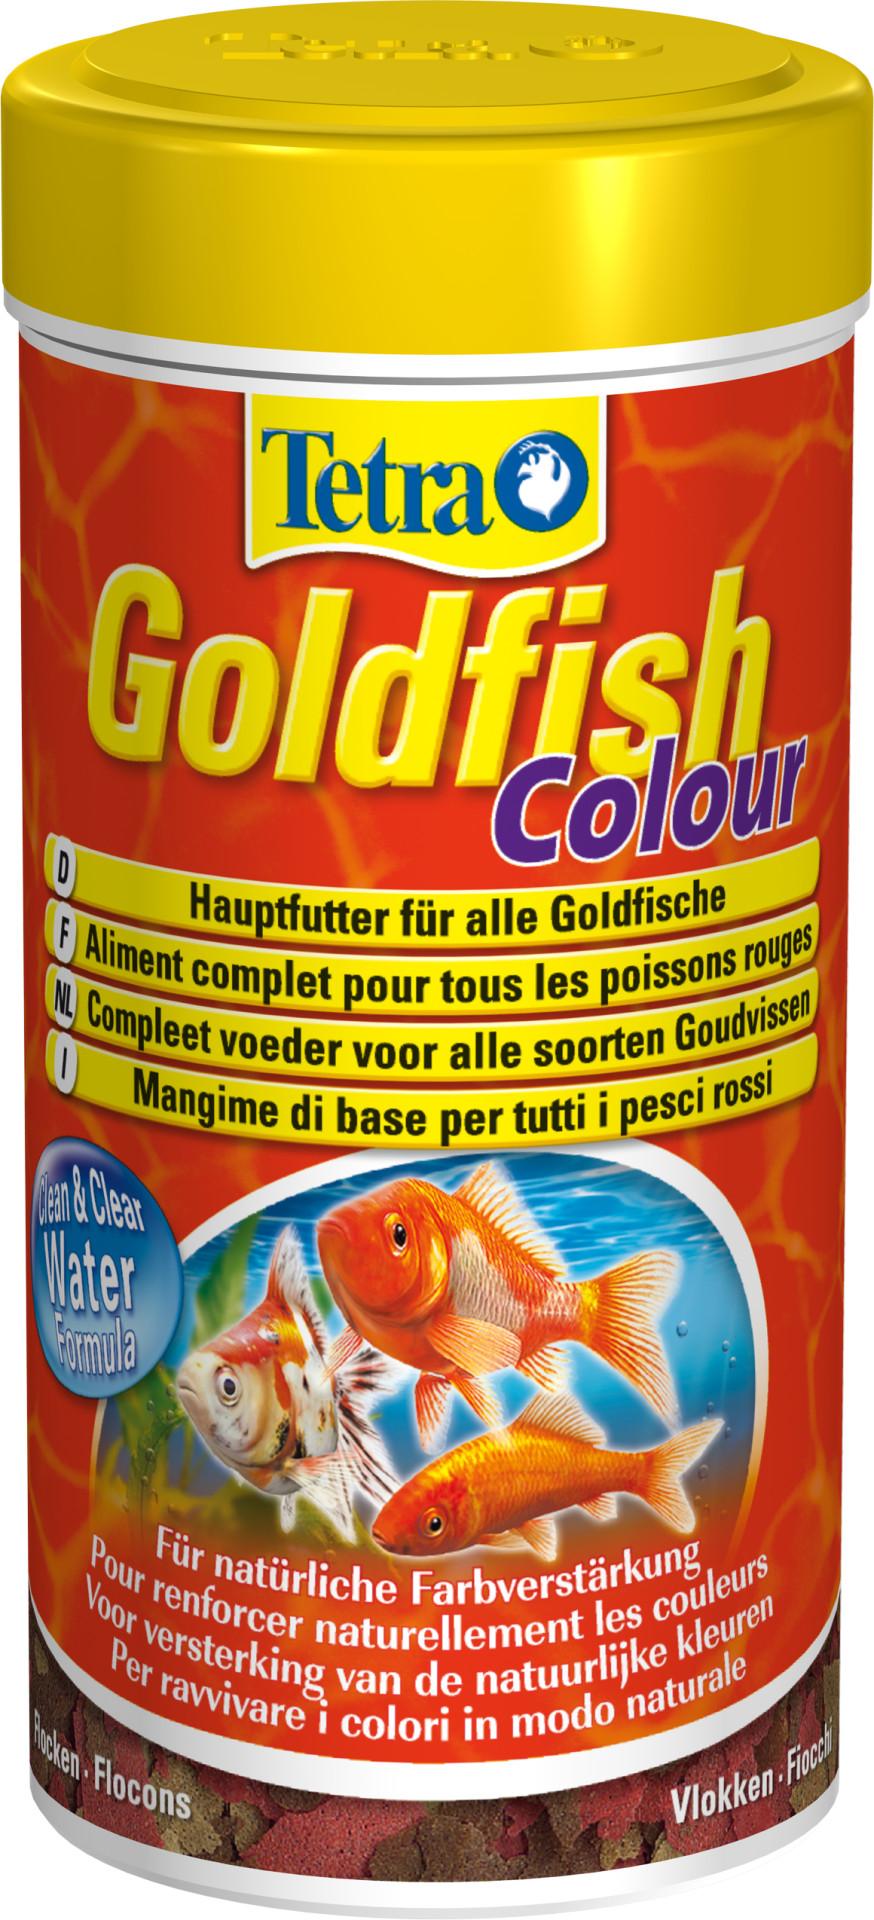 Tetra Goldfish Colour vlokken 250 ml